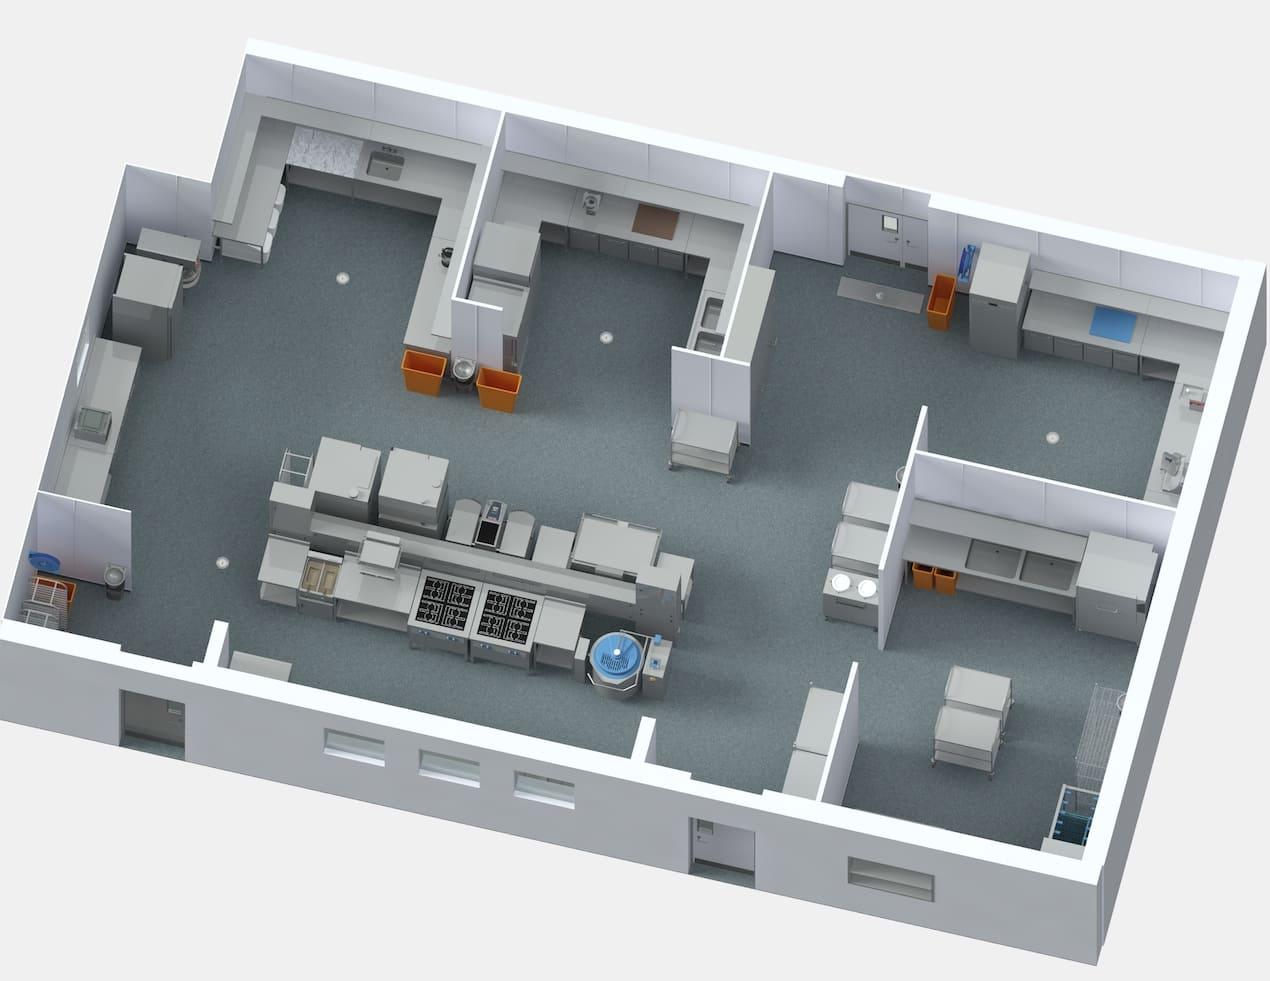 E1306 3Dmodel03 - Marjan-Temp0006